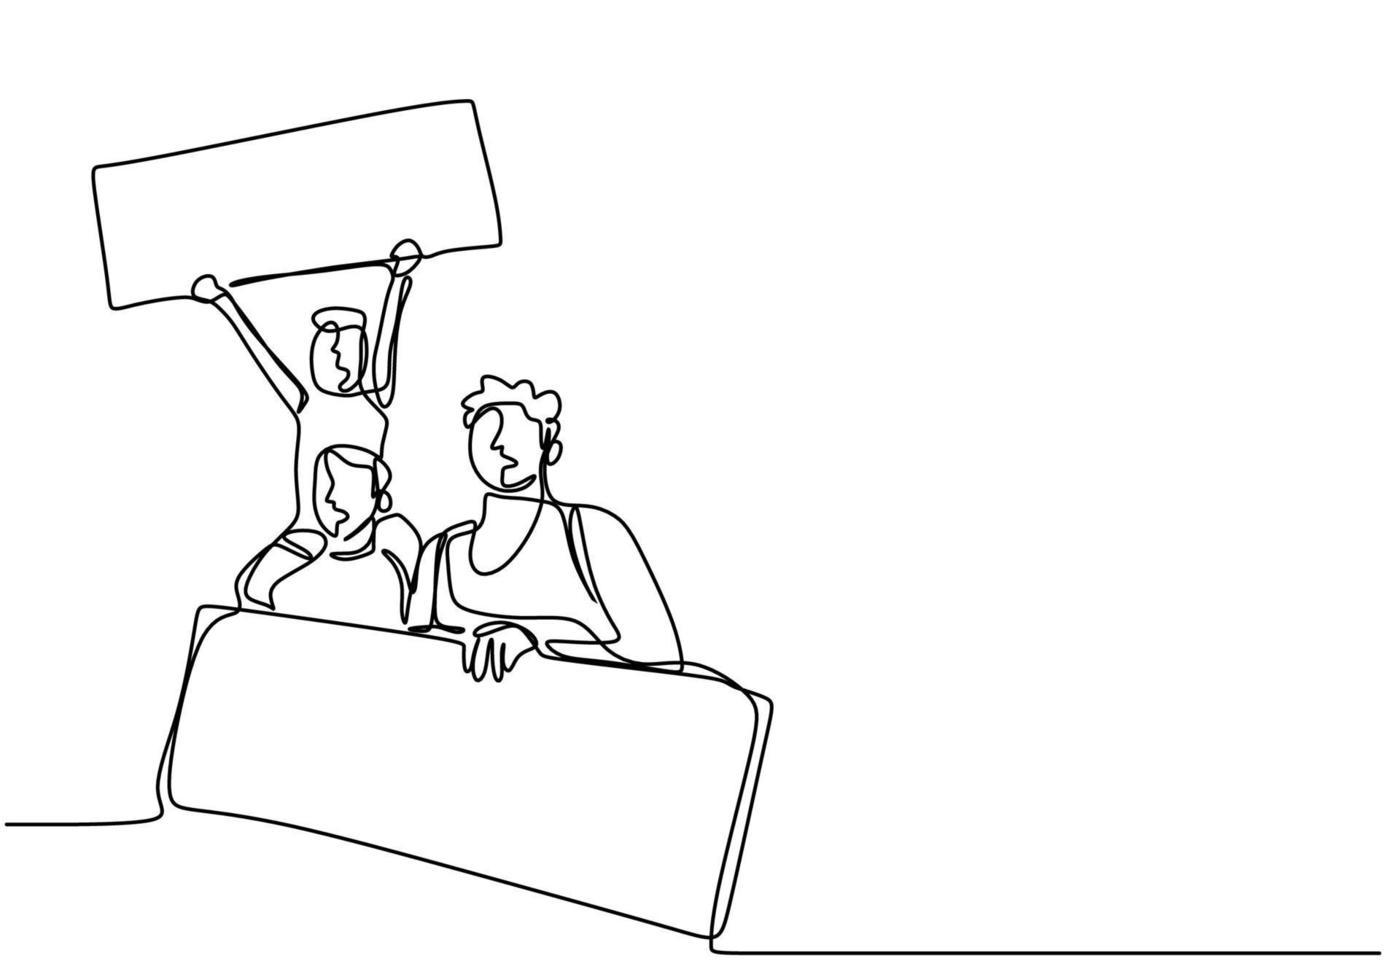 un dessin au trait continu d'un manifestant. deux personnes en démonstration tenant un rouleau de papier vierge pour aspirer leur voix. militants protestent avec le concept de panneau vierge. illustration vectorielle vecteur